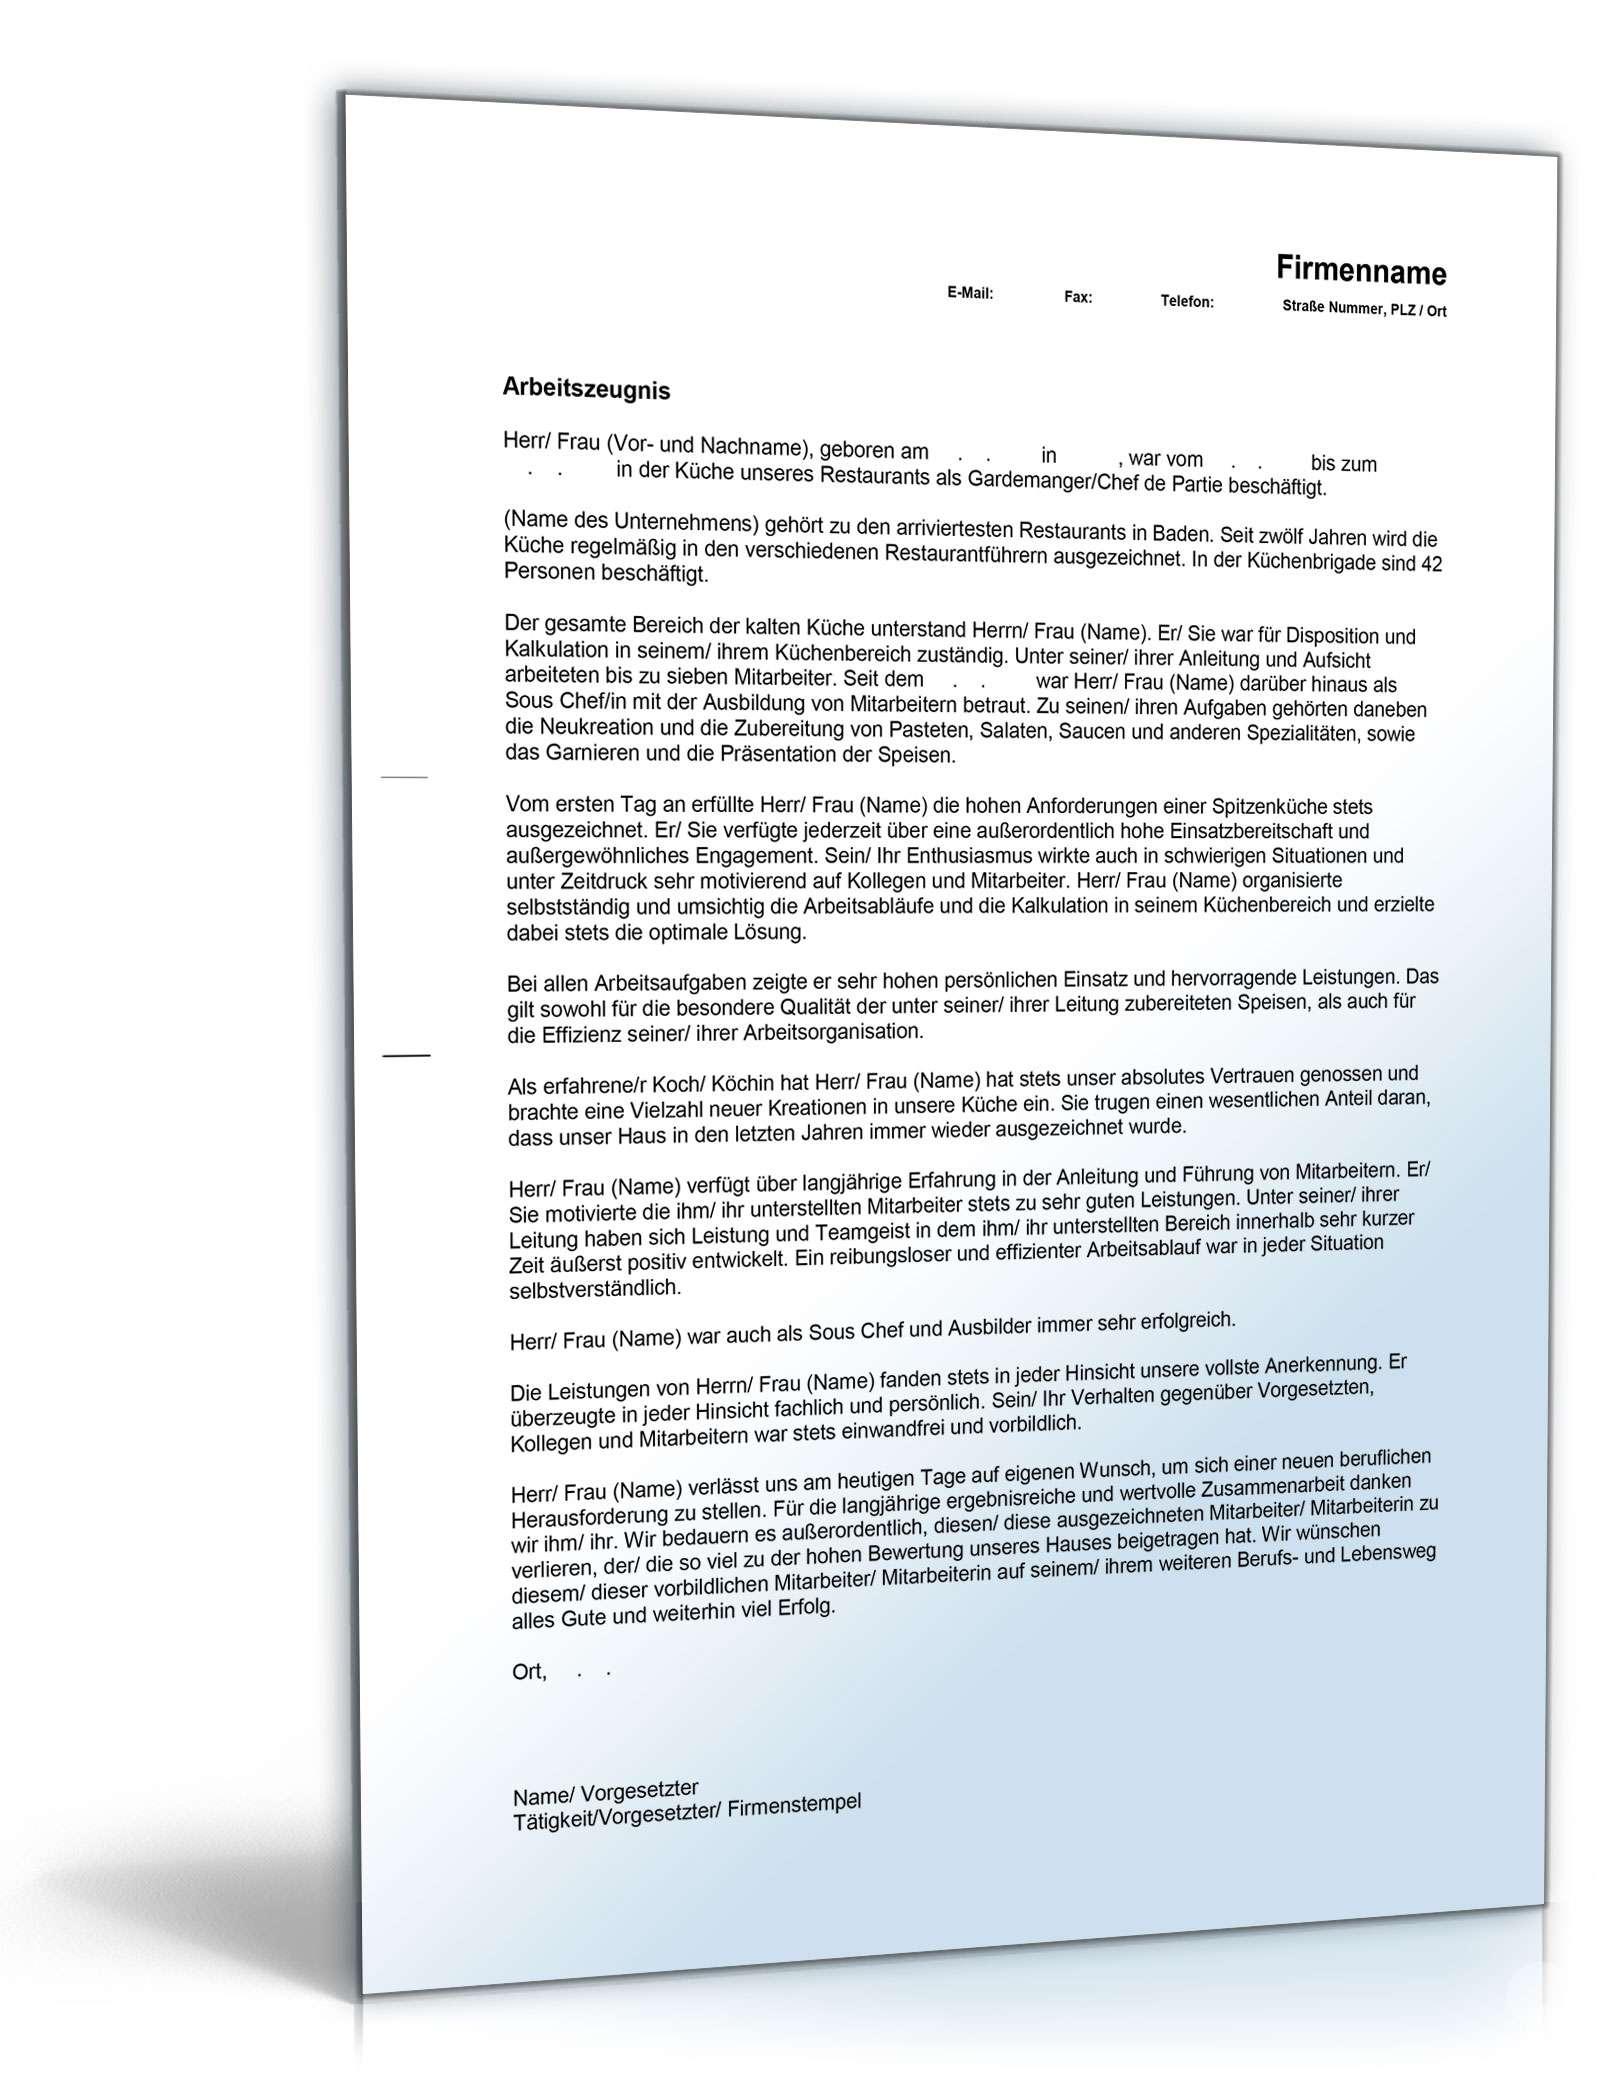 Arbeitszeugnis Chefkoch: Rechtssichere Muster zum Download